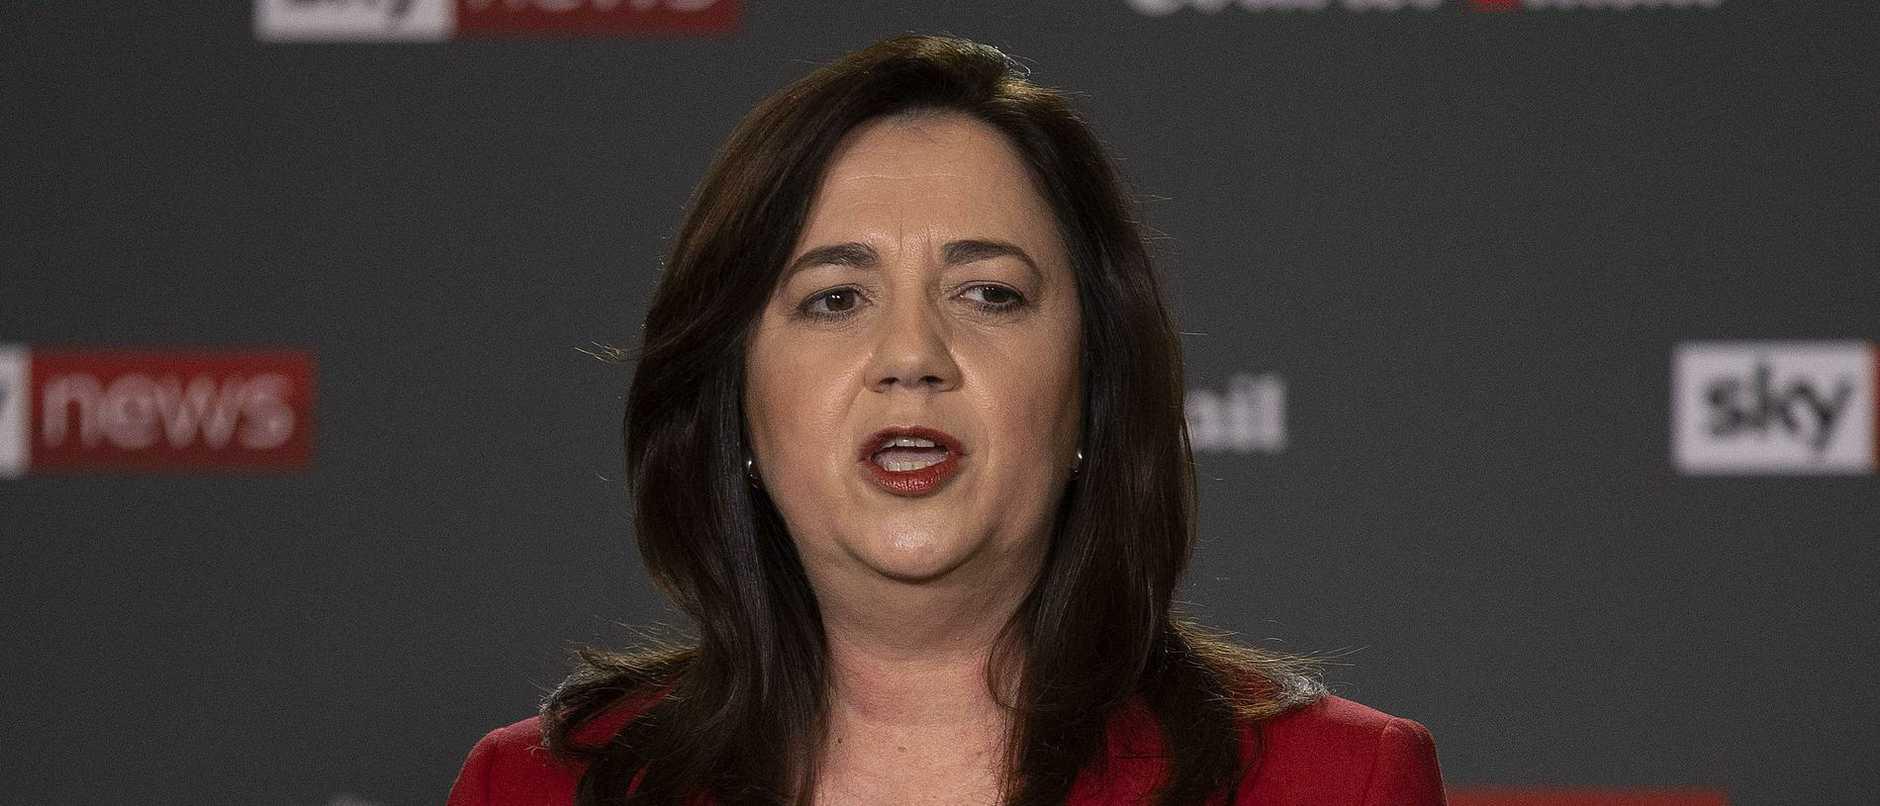 Premier Annastacia Palaszczuk has maintained a harsh line